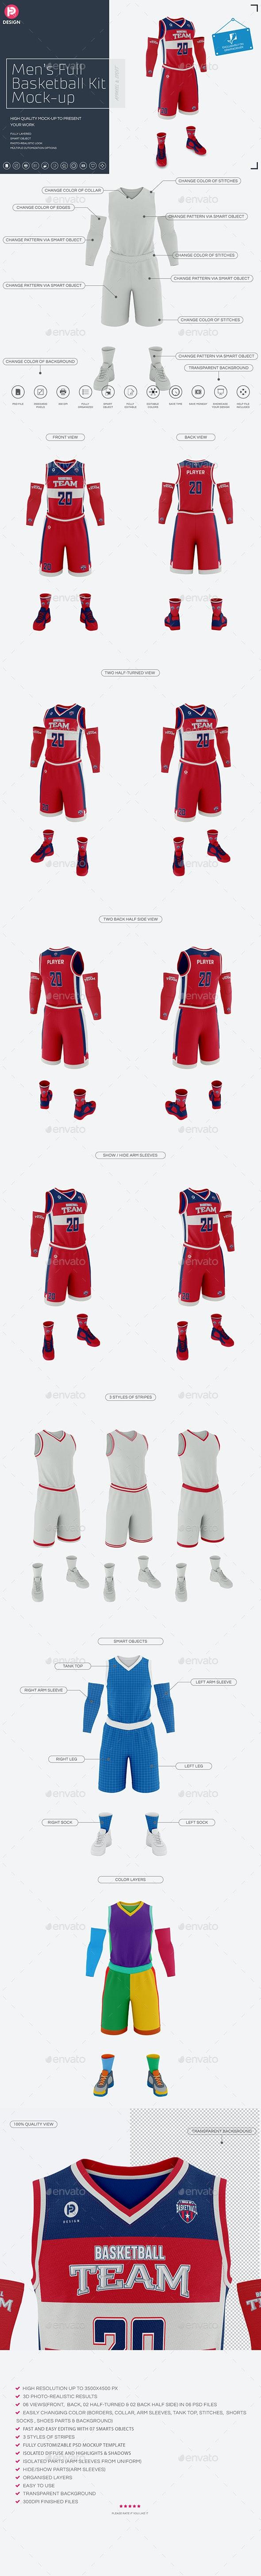 Men's Full Basketball Kit  V-Neck Jersey Mock-up - Miscellaneous Apparel